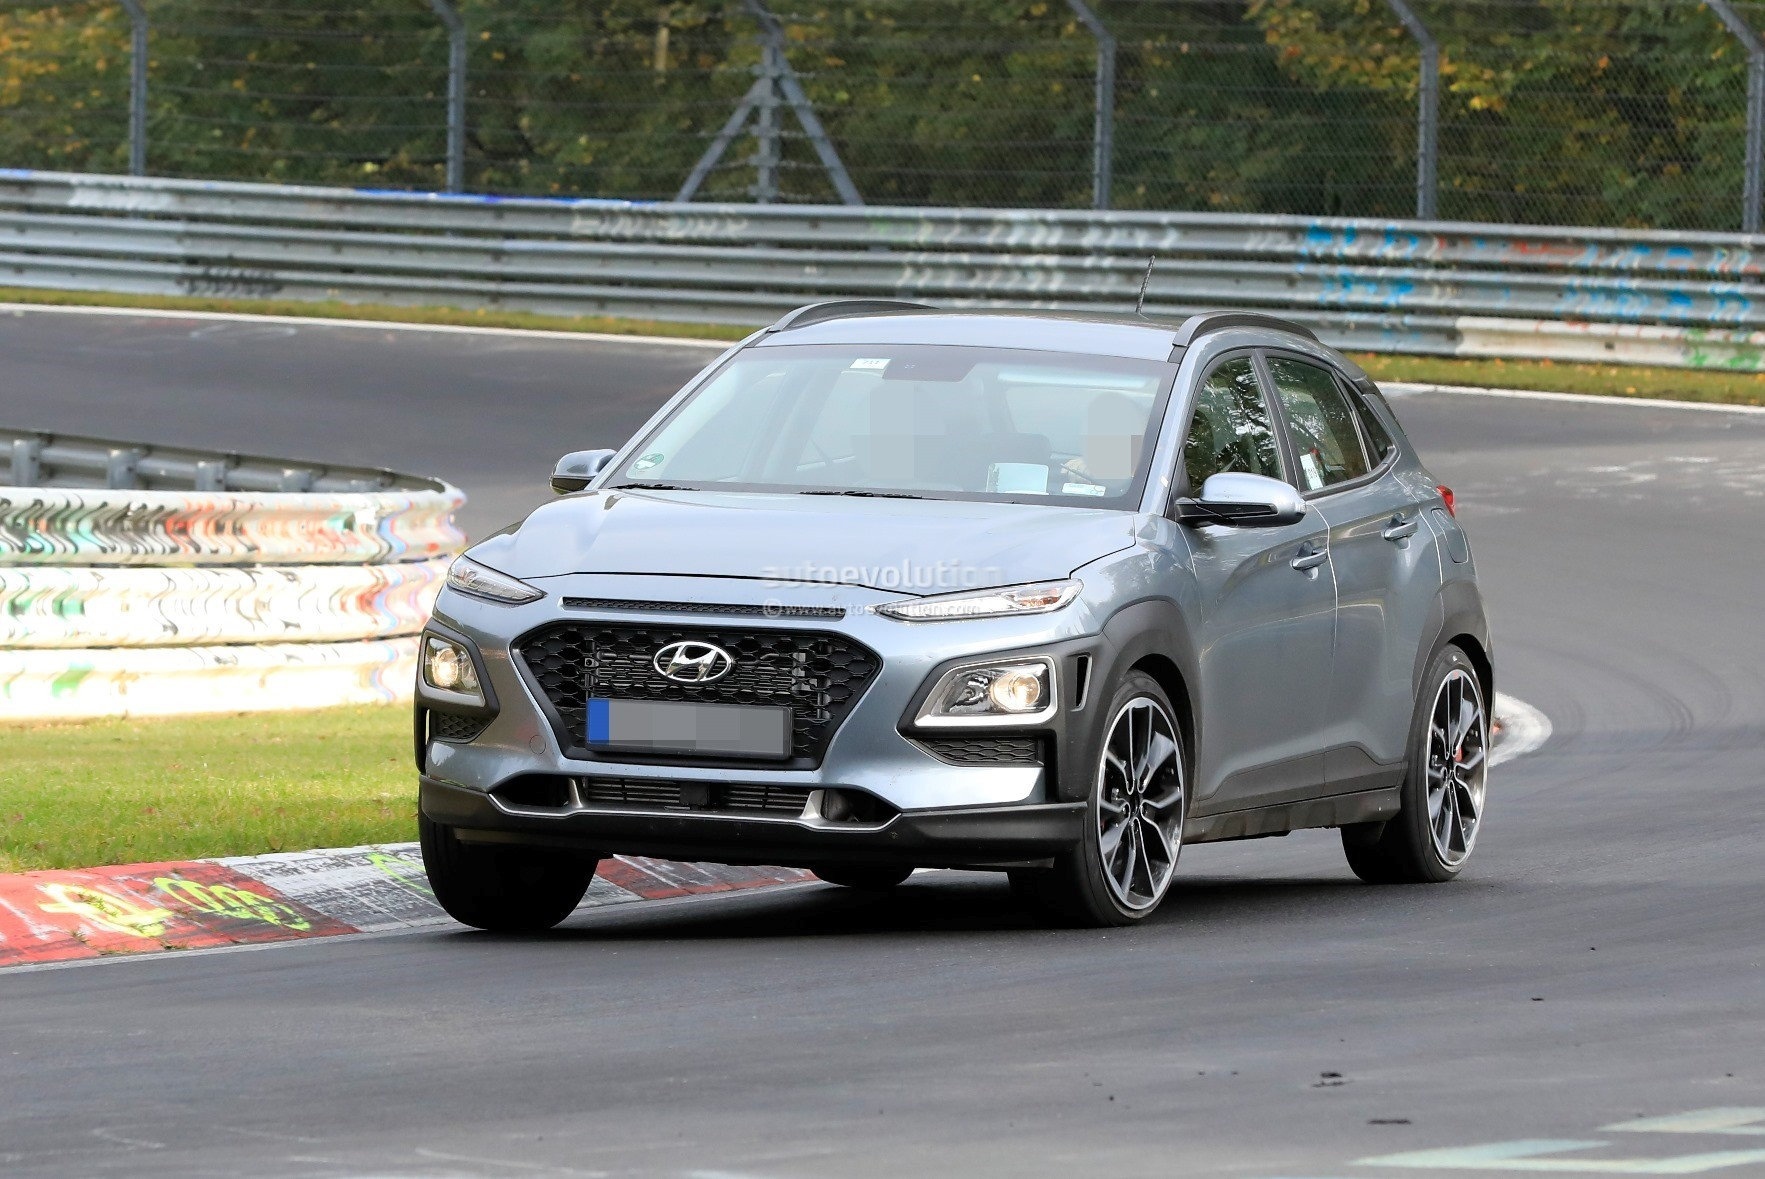 2021 Hyundai Kona N Is Real, Test Mule Features i30 N ...